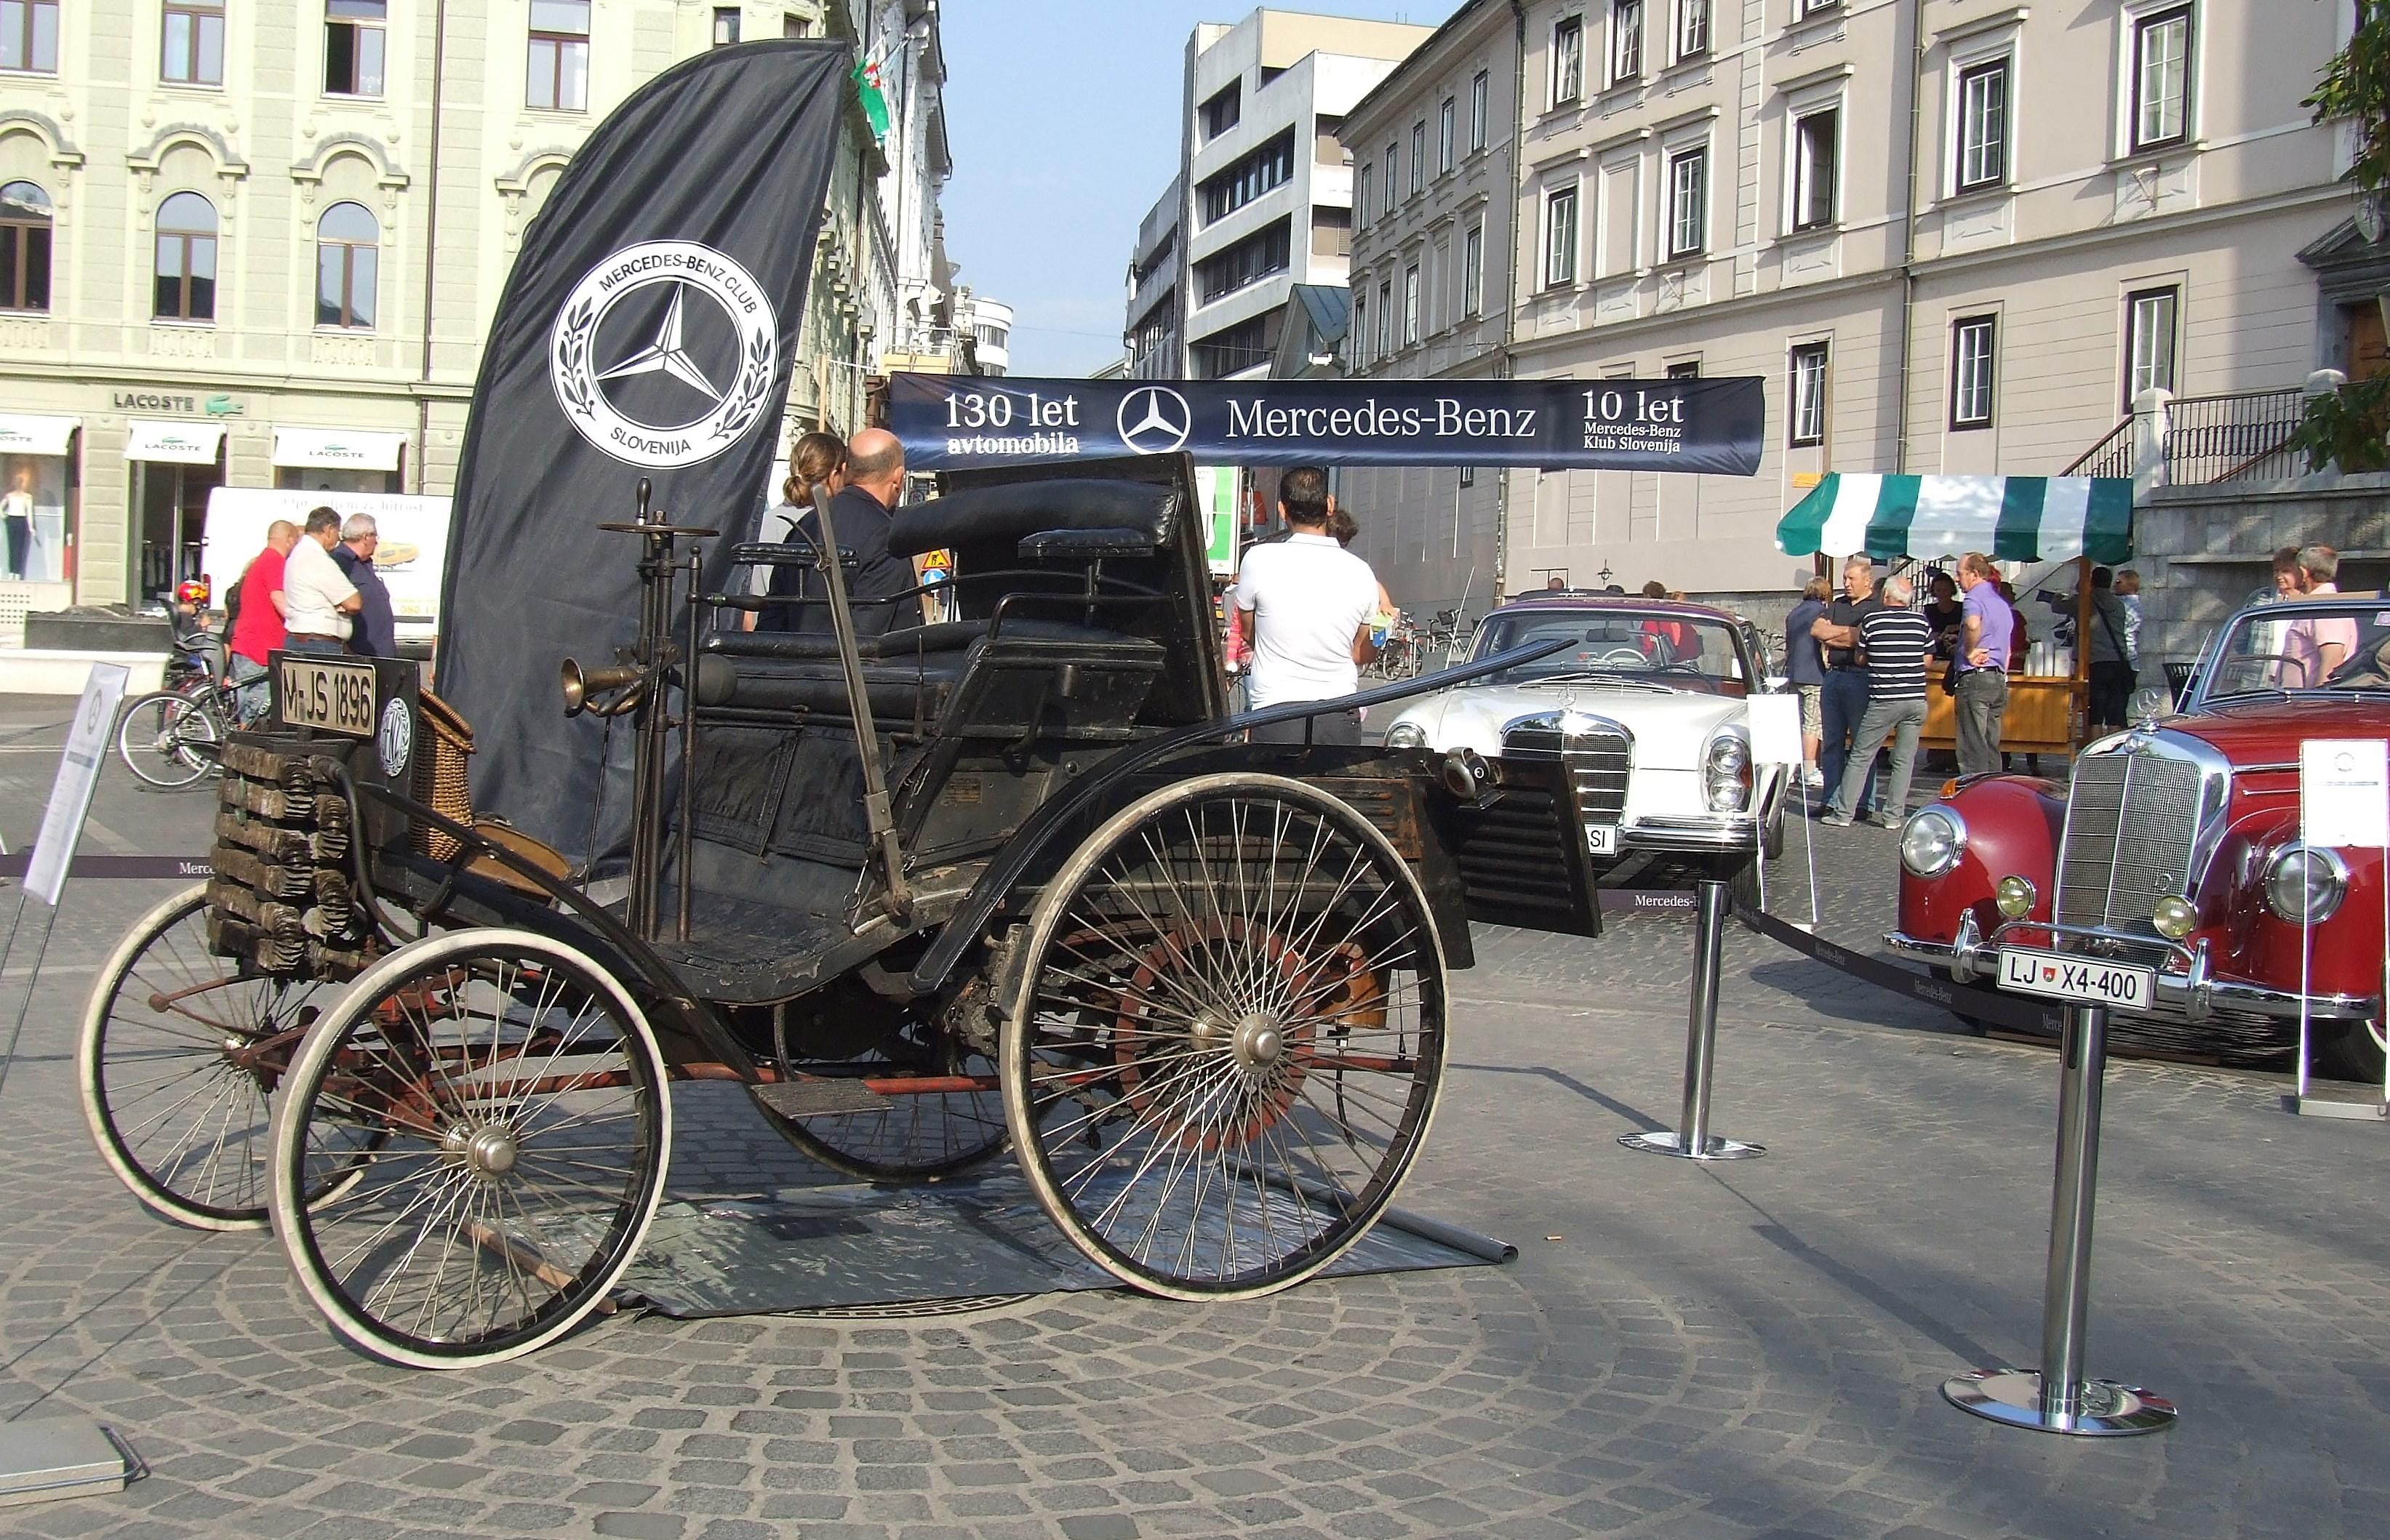 Benz Velo na razstavi 130 let avtomobila